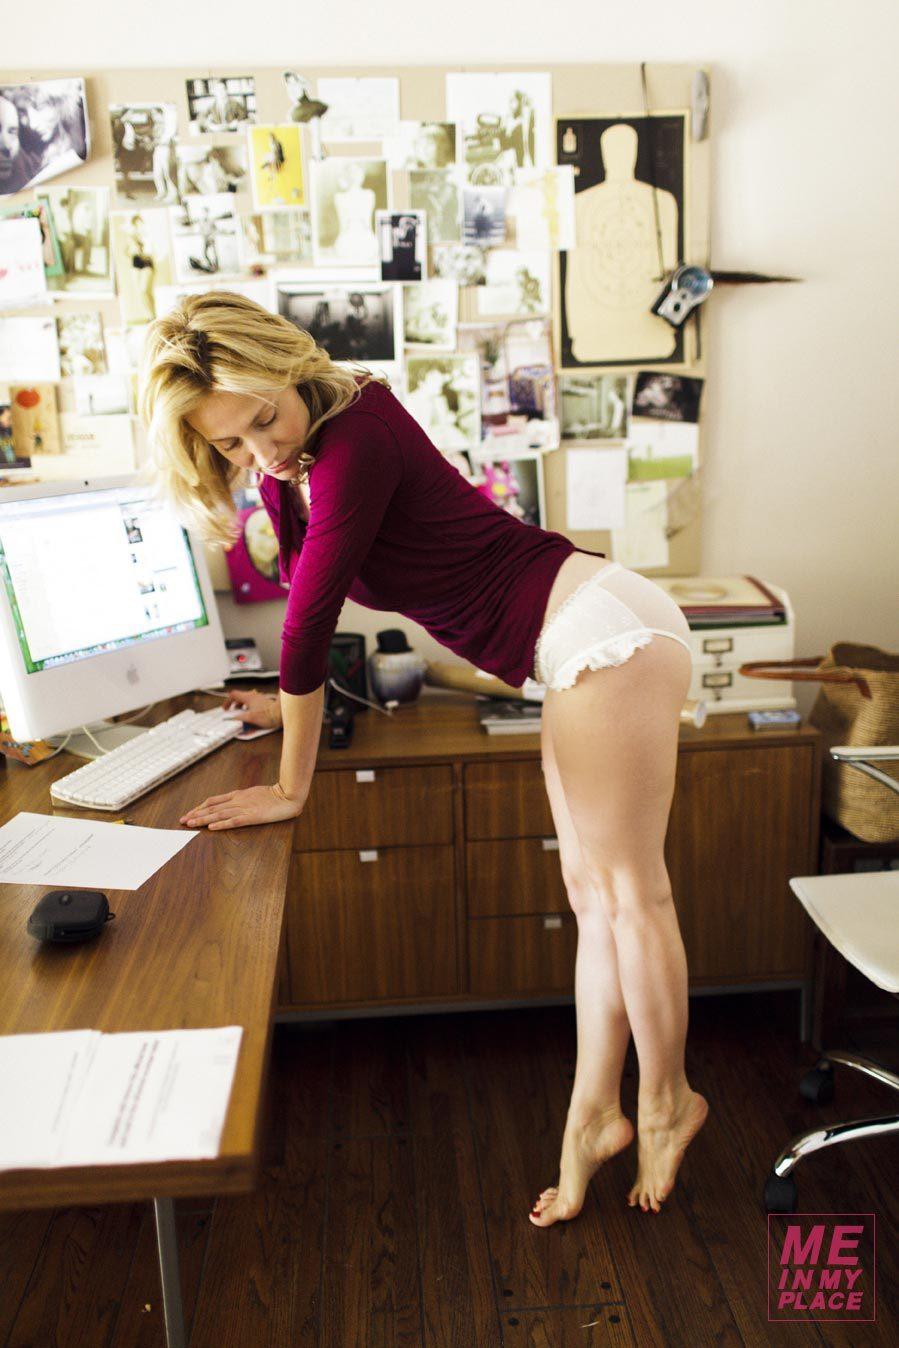 image Camilla luddington nude sex scene in californication series